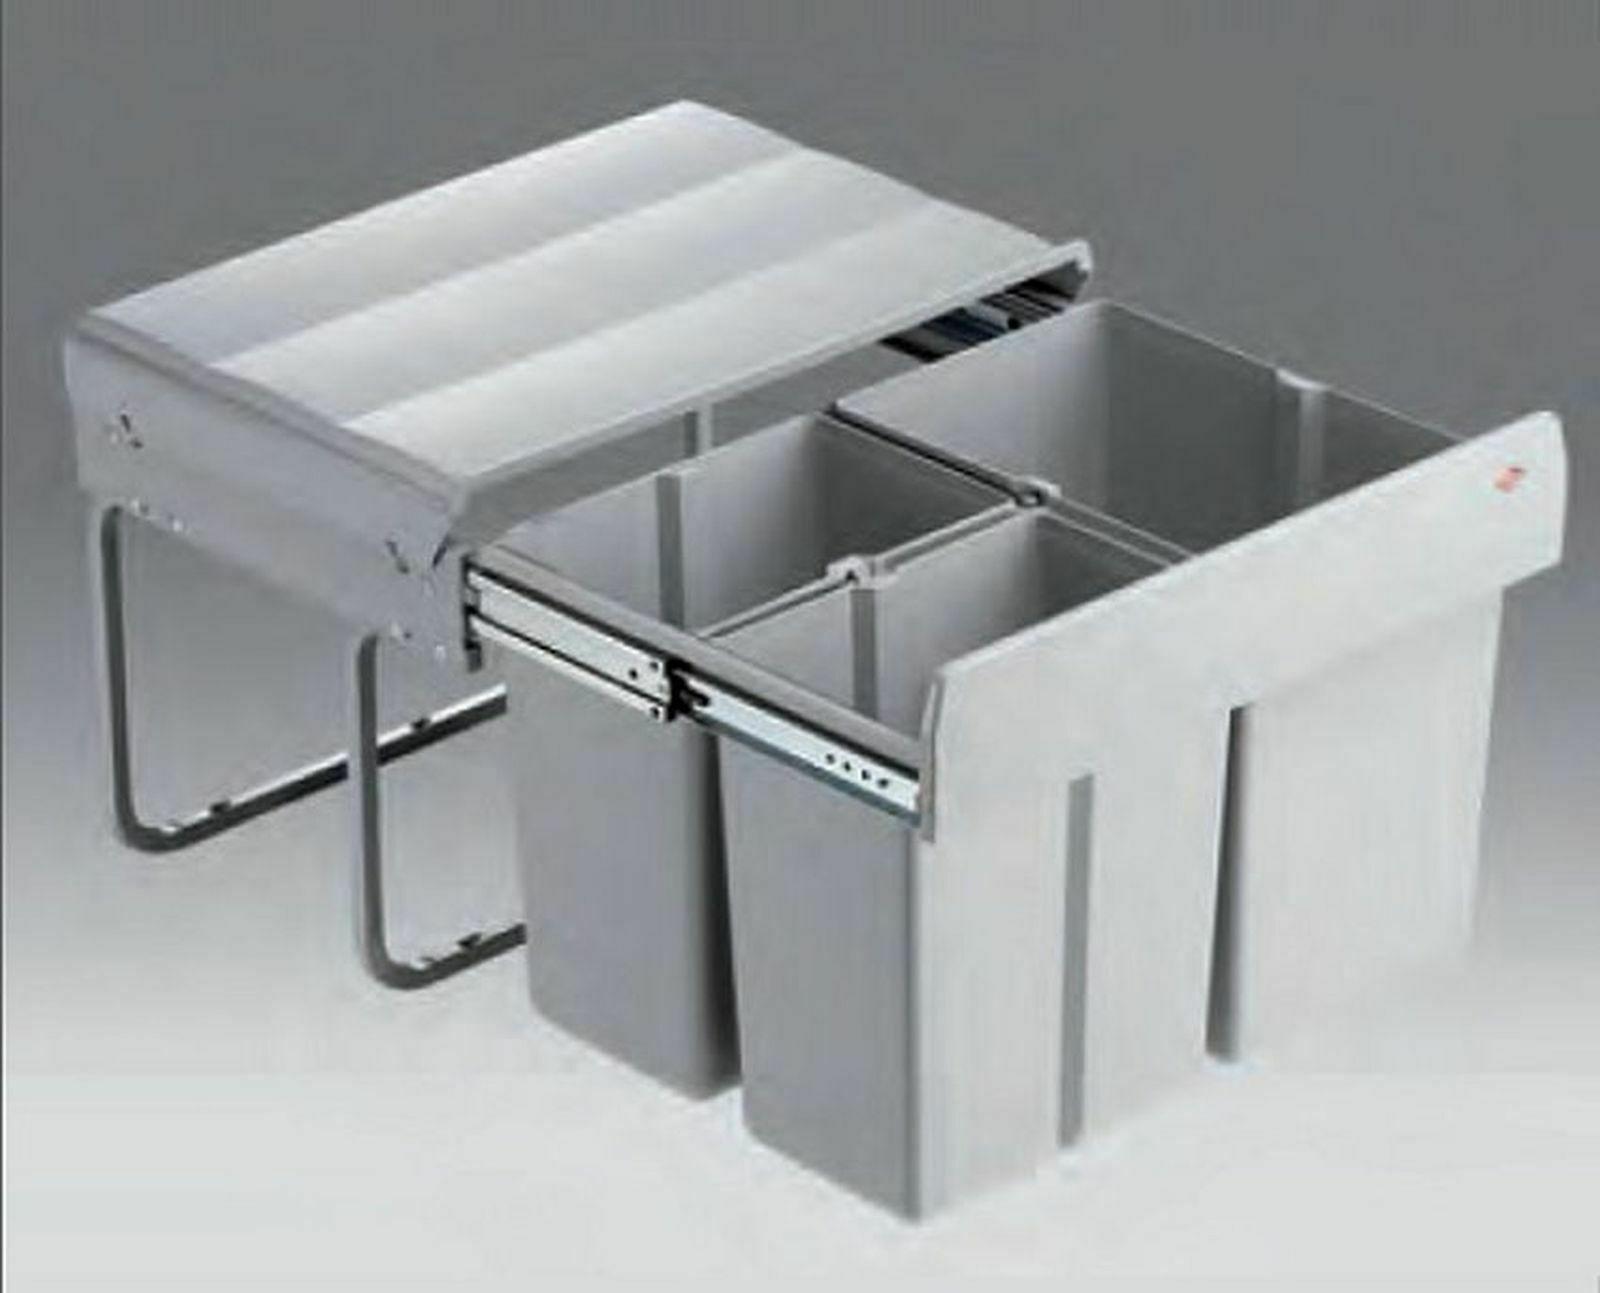 Einbau Mülleimer Küche 20 L Wesco Müllsystem Mülltrenner Bio Abfalleimer  *20